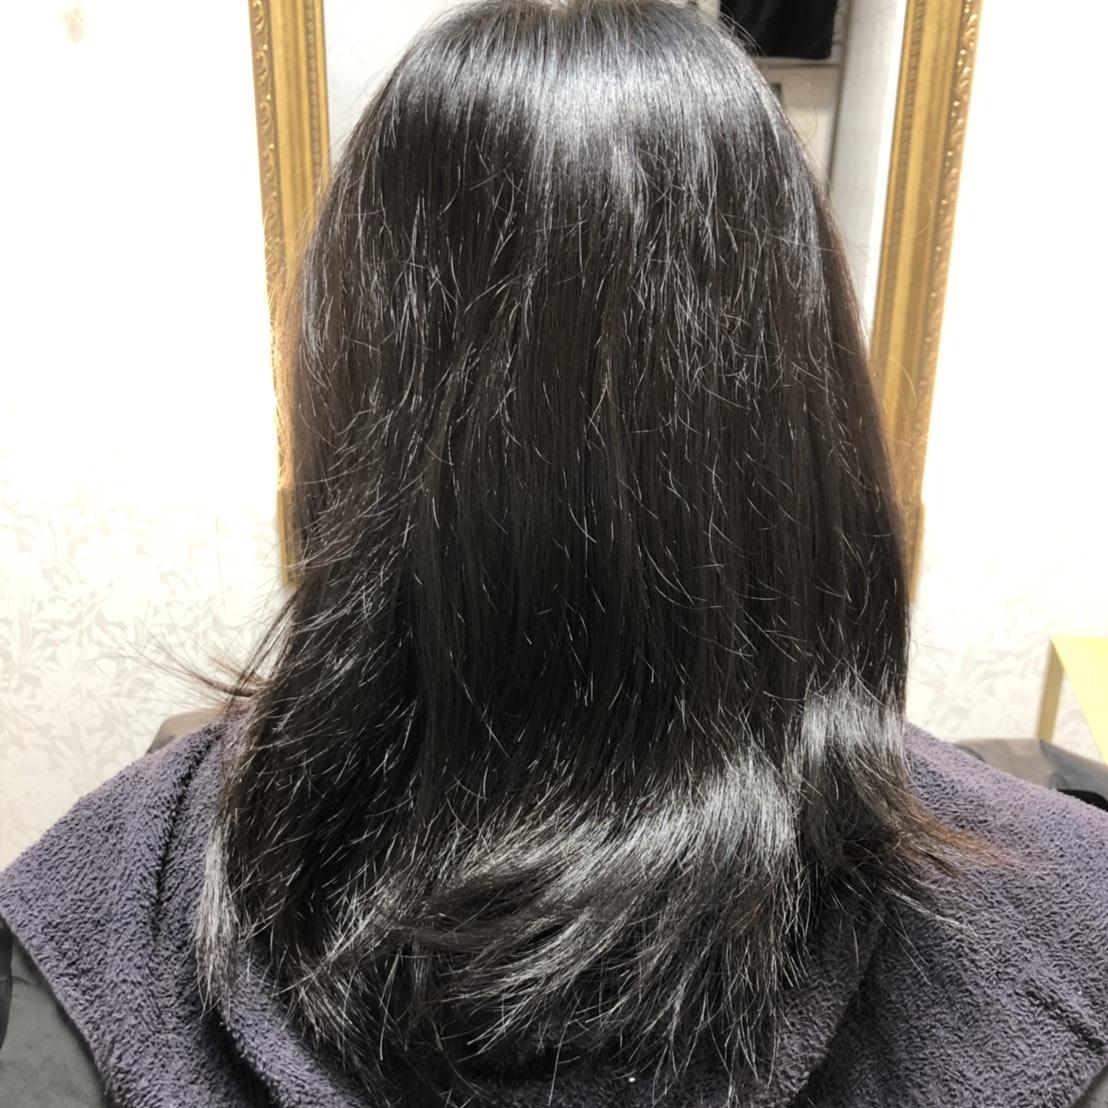 髪の毛 うねり ツヤ 改善